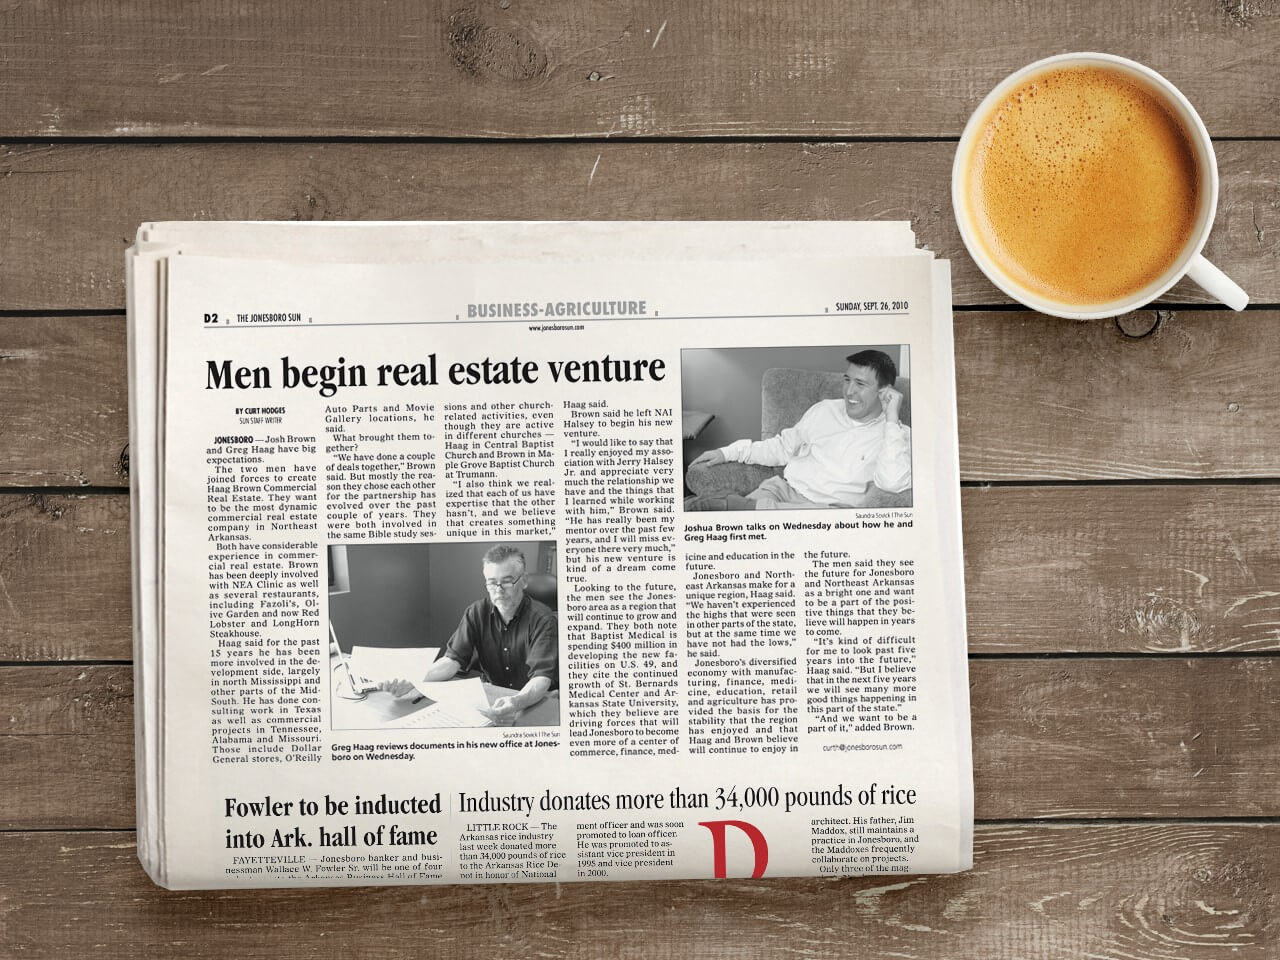 Men begin real estate venture